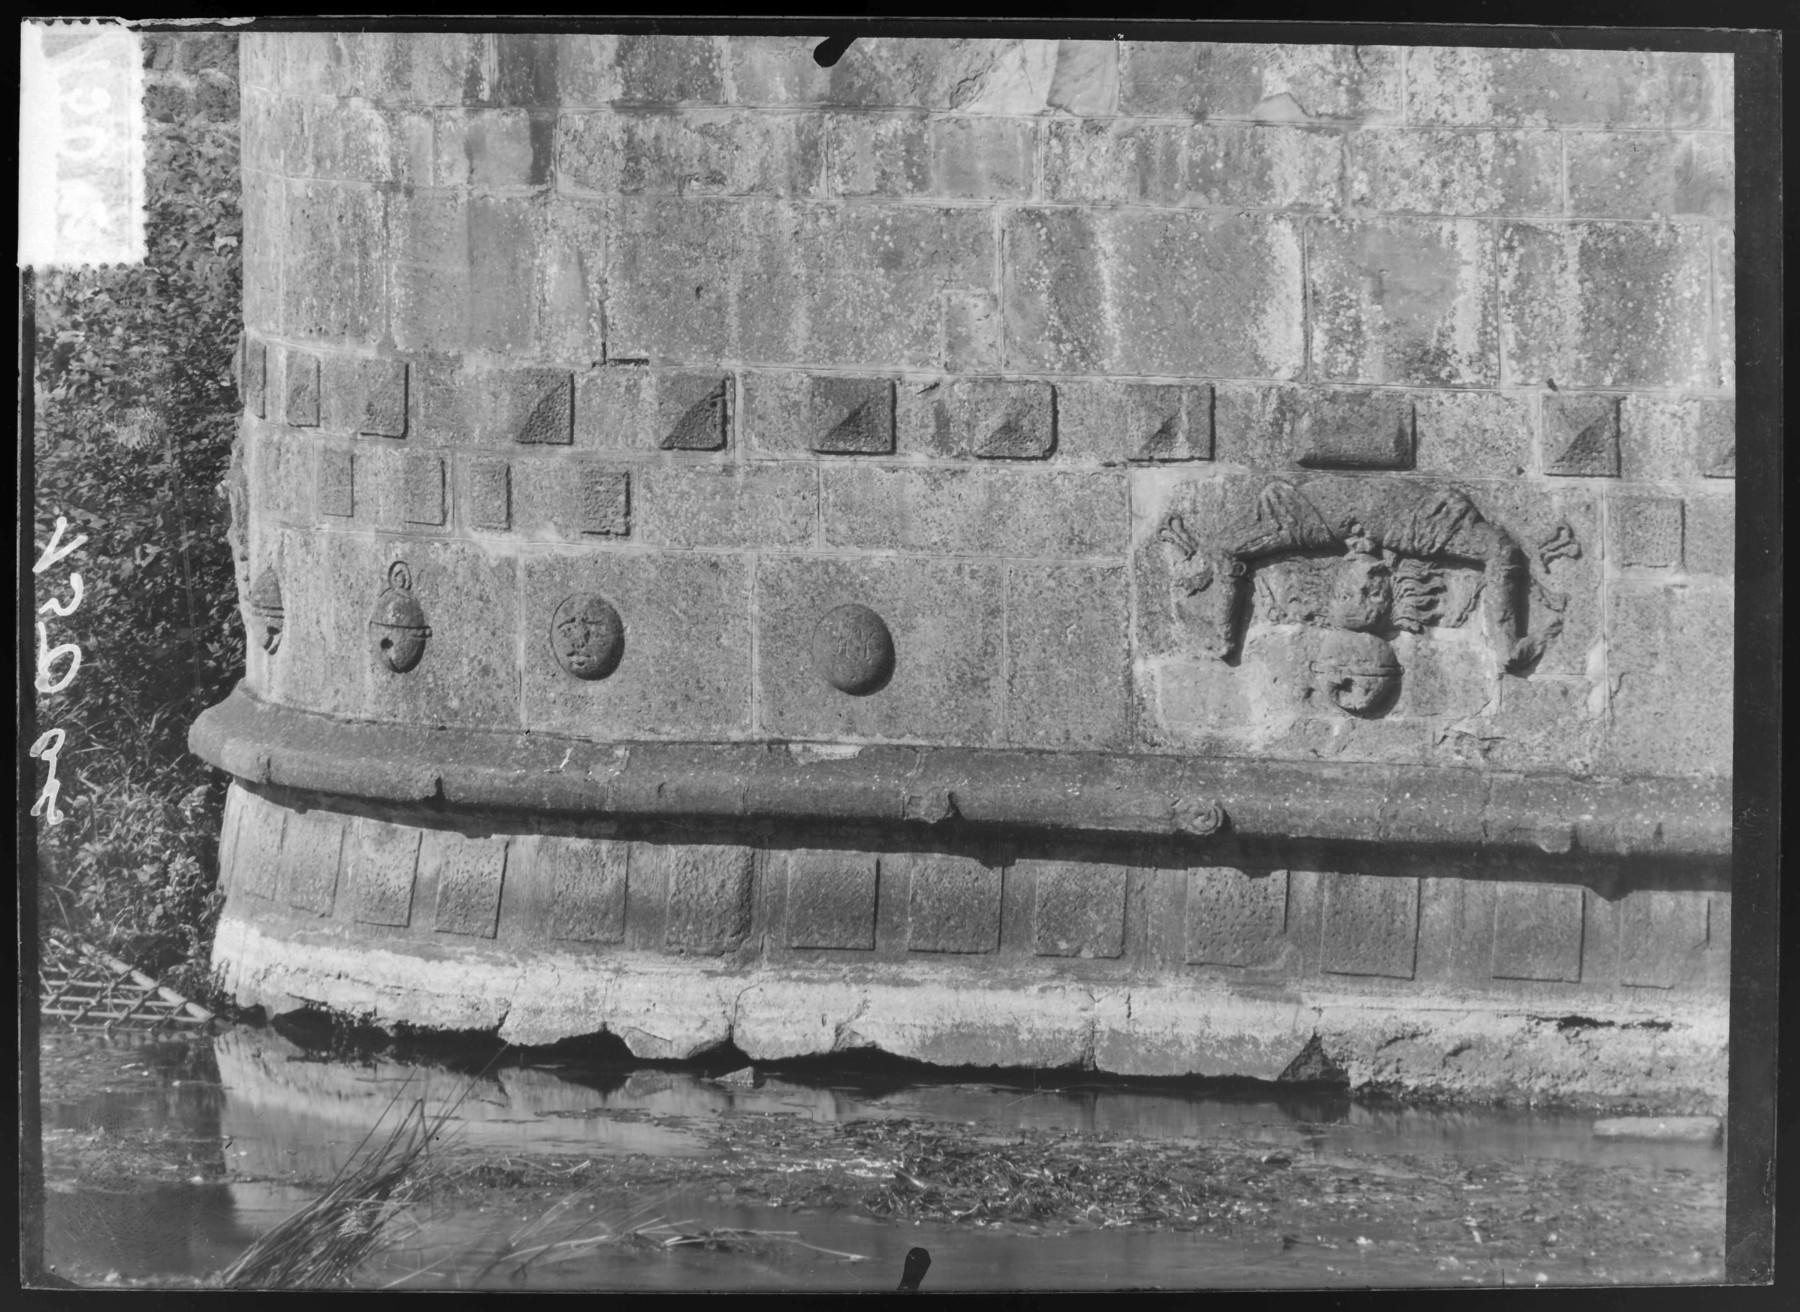 Contenu du Bas-relief de la caponnière Dex